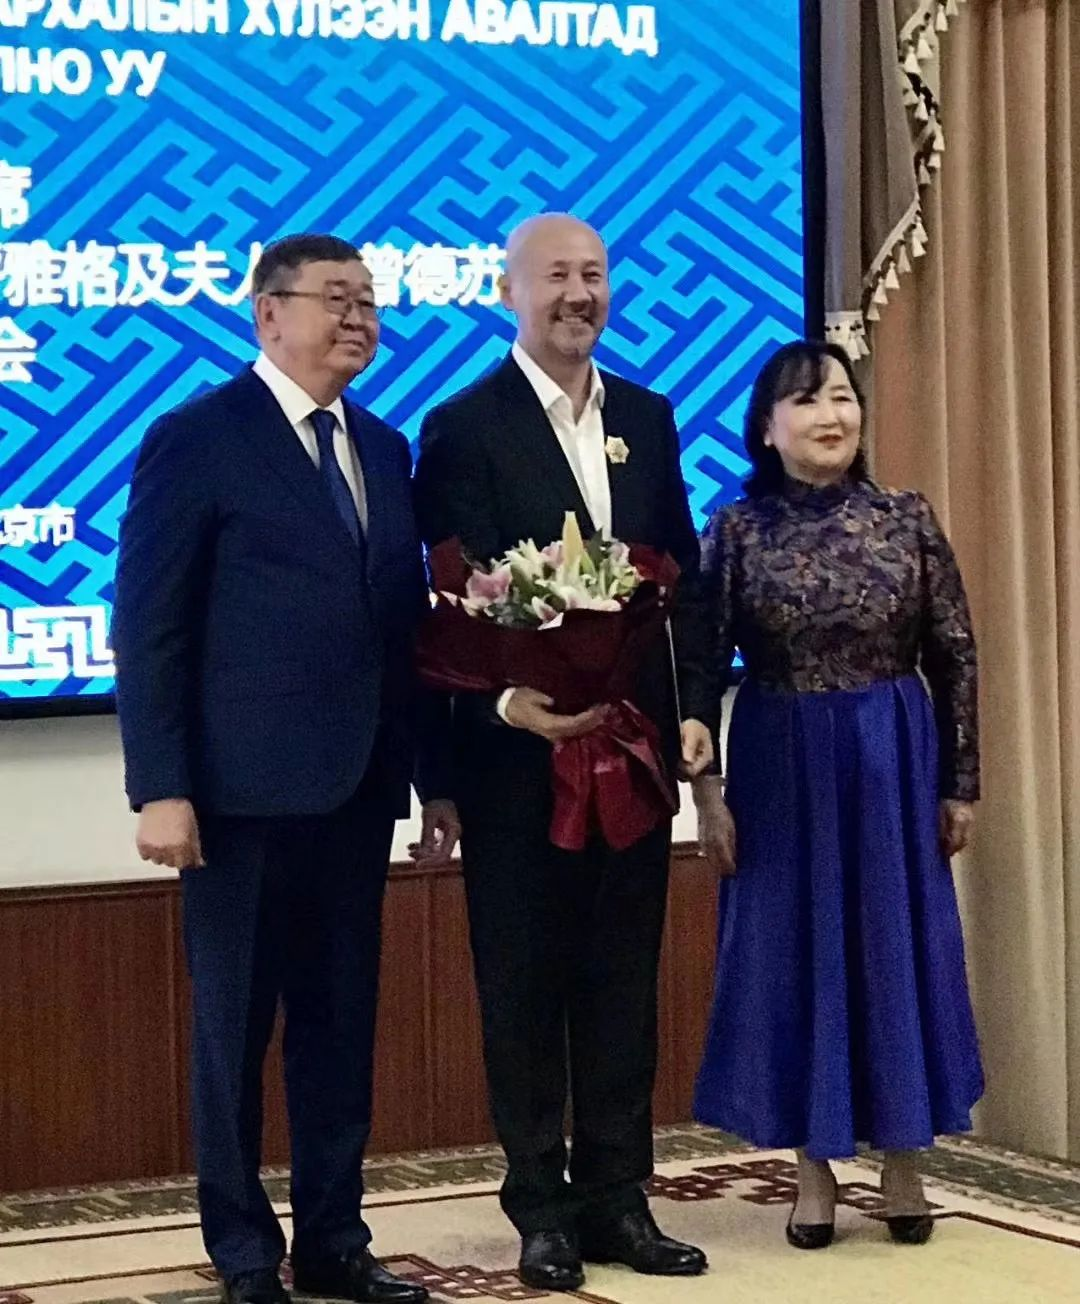 """蒙古国总统通过驻华大使丹巴·冈呼雅格为腾格尔颁发了 """"北极星勋章"""" 第5张 蒙古国总统通过驻华大使丹巴·冈呼雅格为腾格尔颁发了 """"北极星勋章"""" 蒙古音乐"""